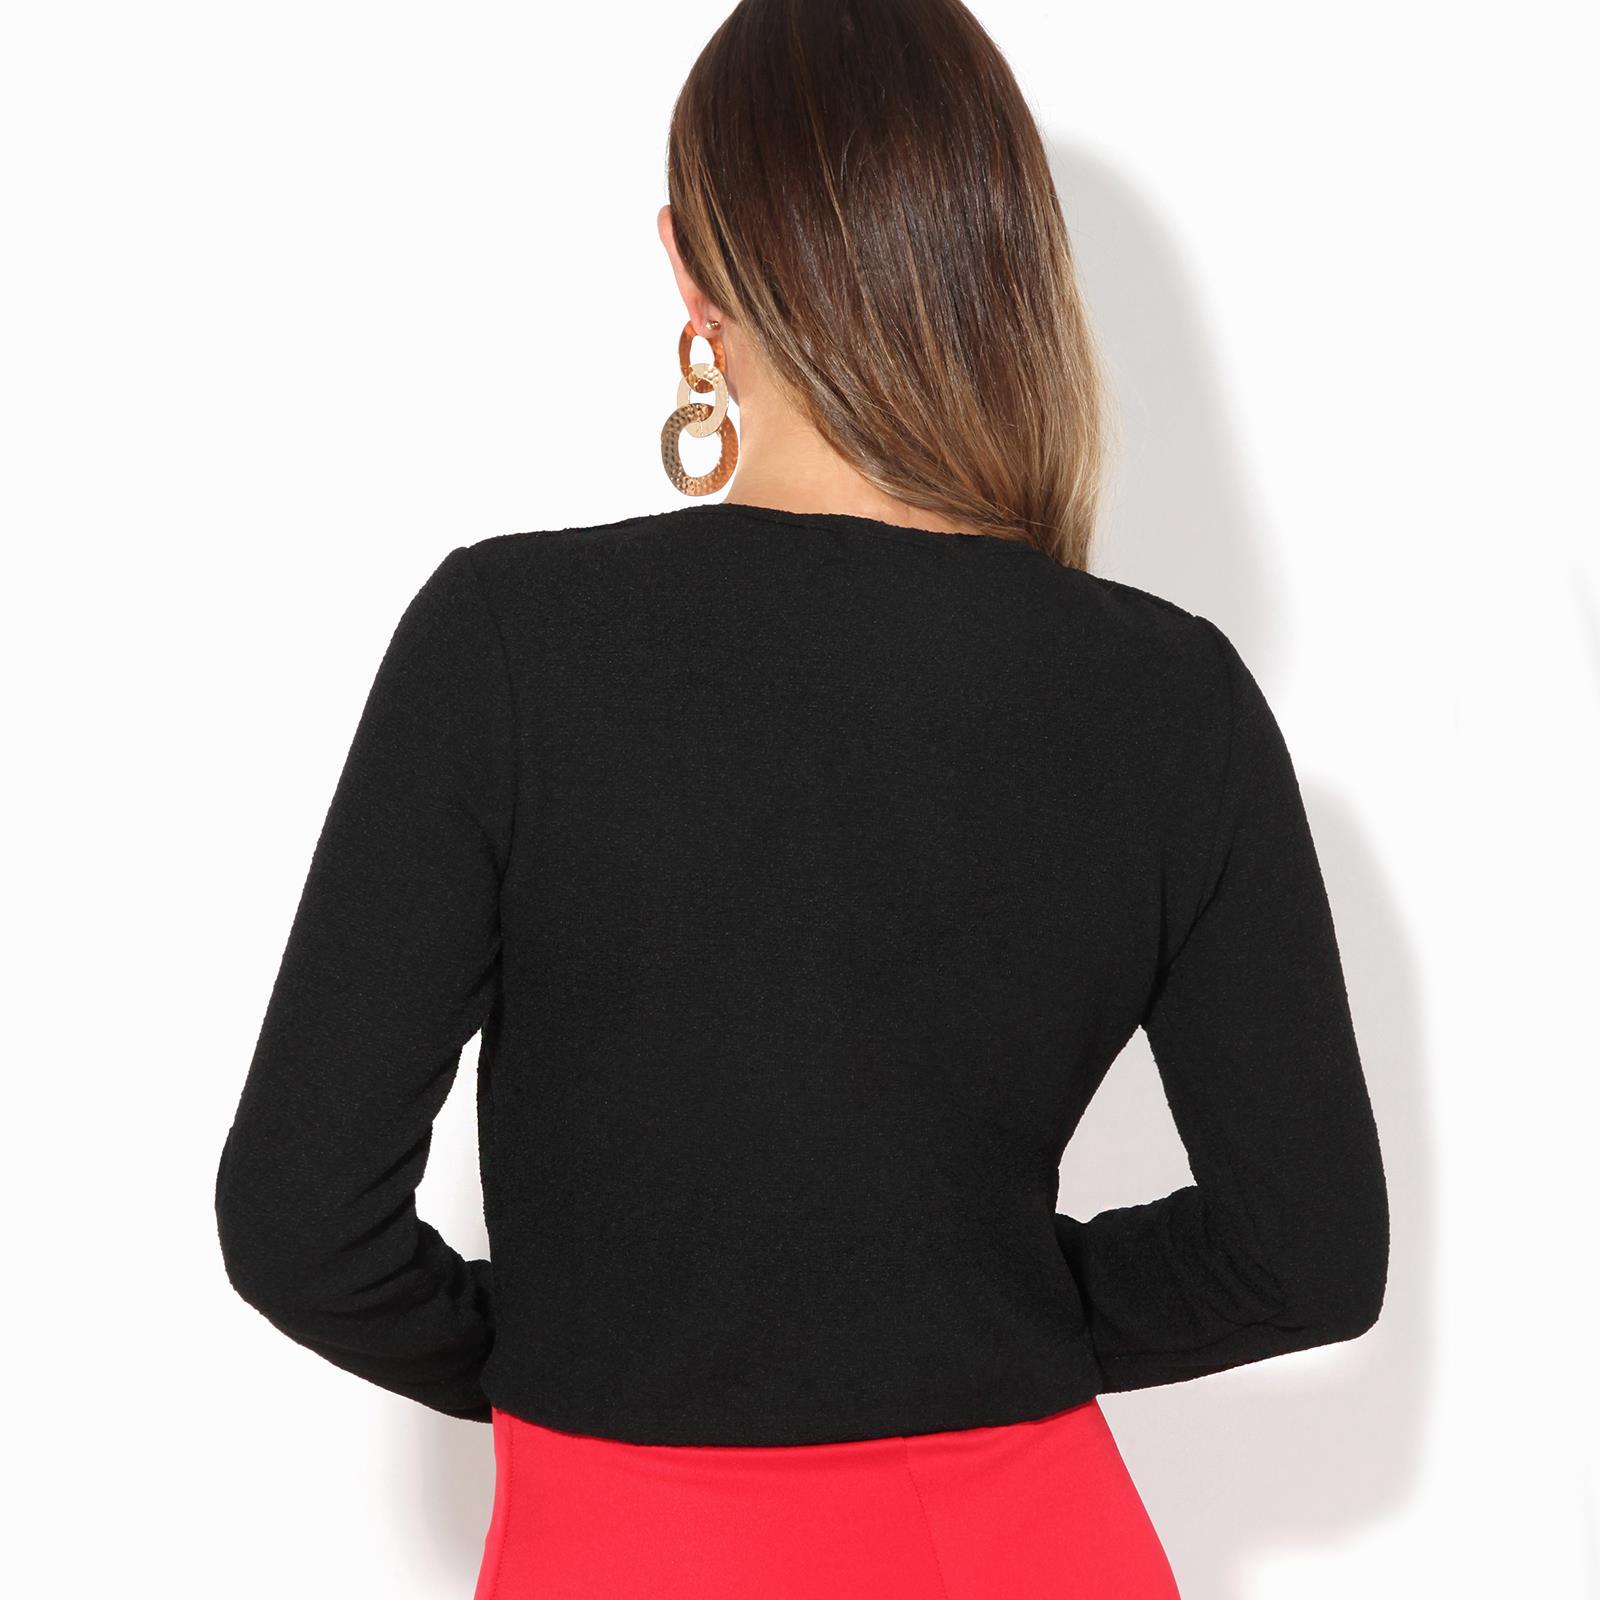 Donna-Maglia-Bolero-Coprispalle-Giacca-Top-Corto-Apri-Cardigan-Scialle-Moda-Work miniatura 4